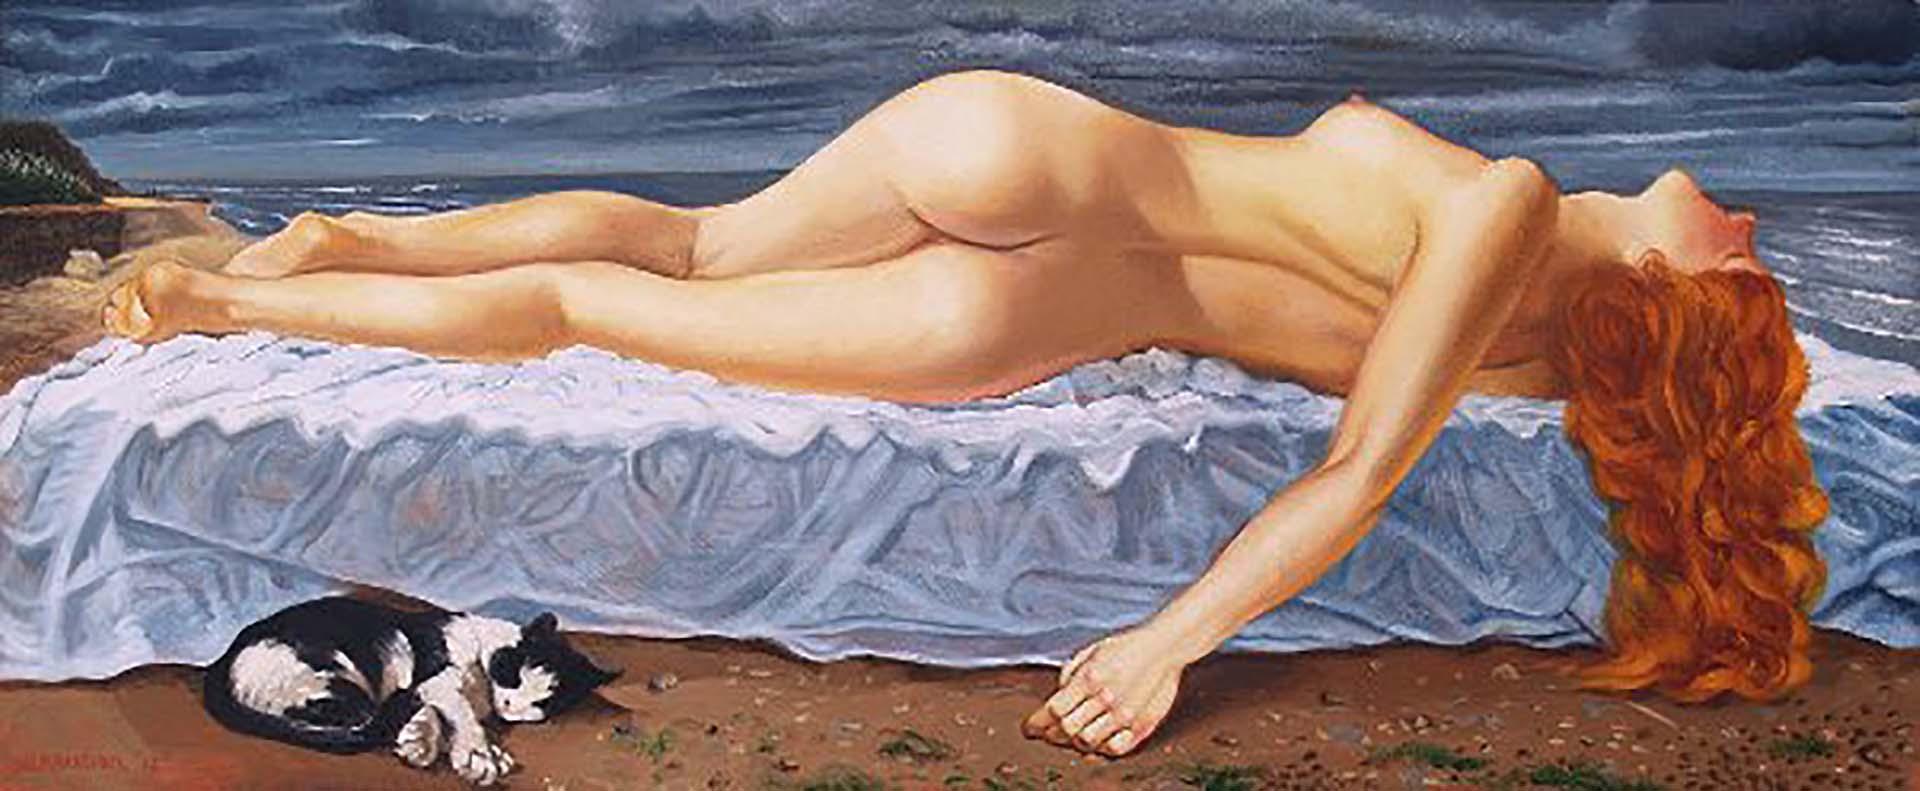 Beautiful christian women nude